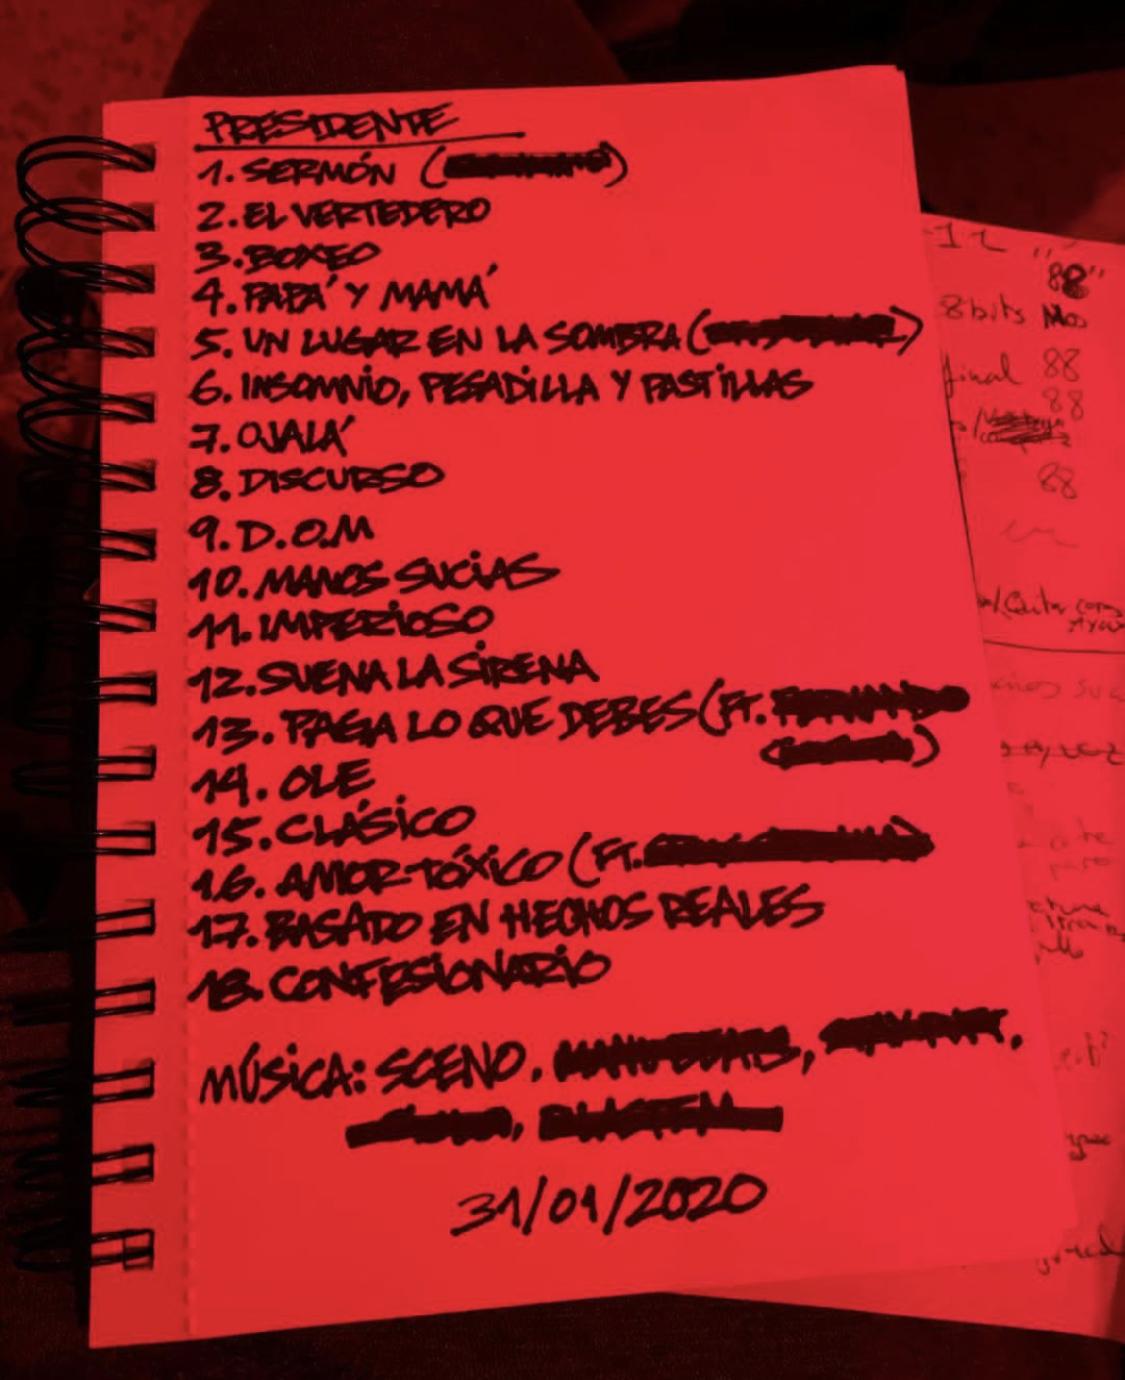 Foyone lanza el Tracklist de su nuevo disco «Presidente»